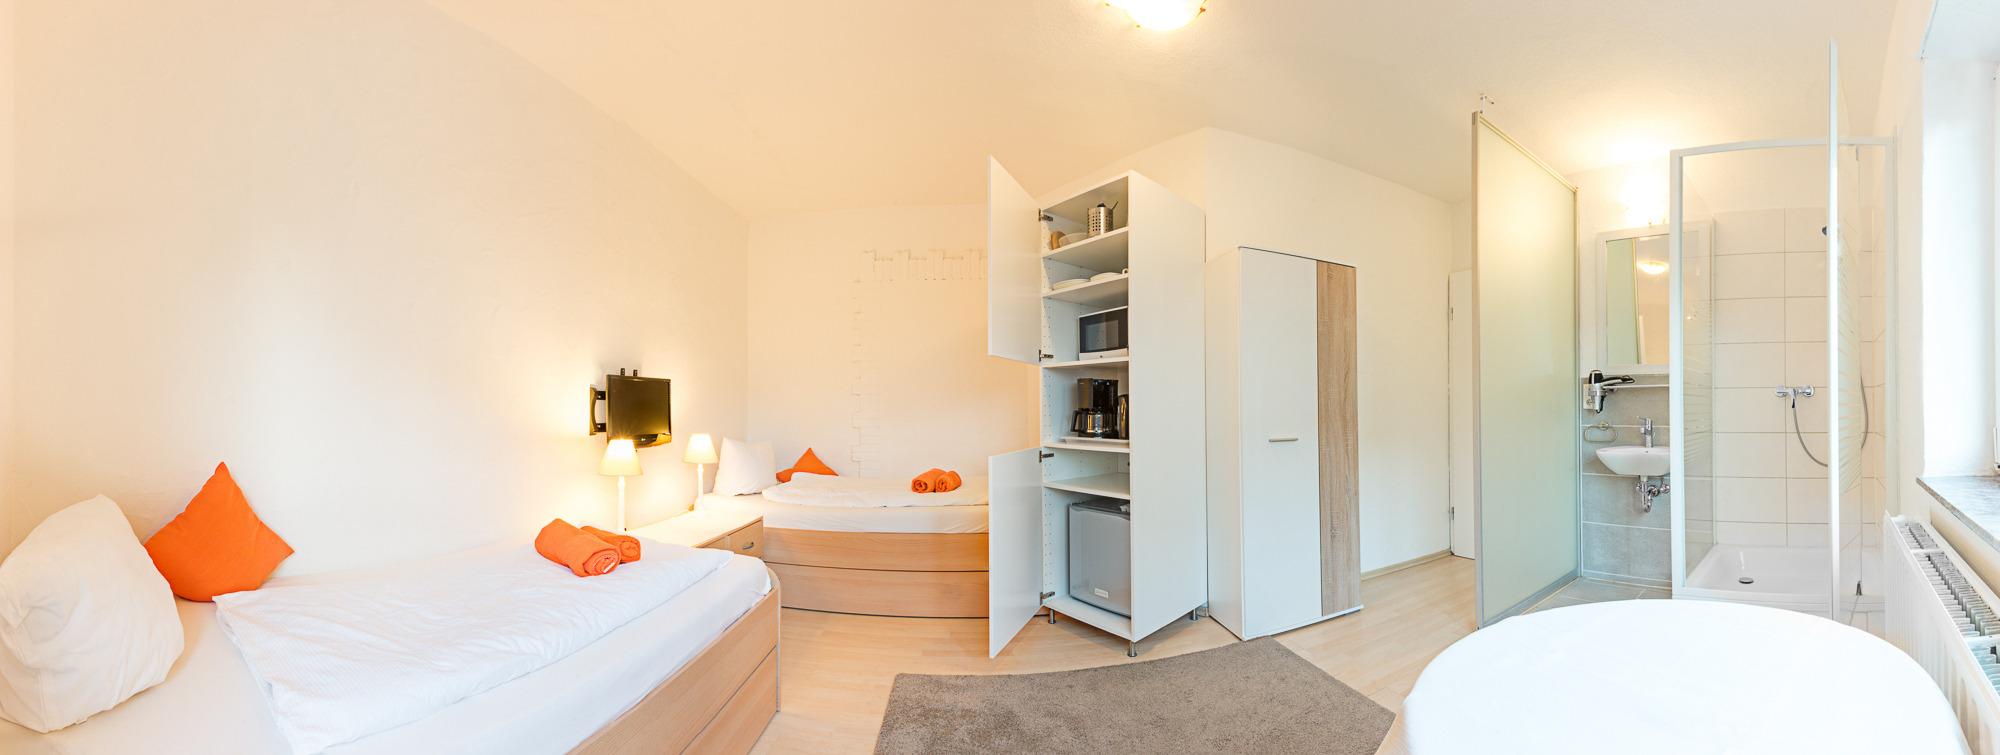 Ferienwohnung Apartment mit einem Schlafzimmer (2027149), Fulda, Rhön (Hessen), Hessen, Deutschland, Bild 8